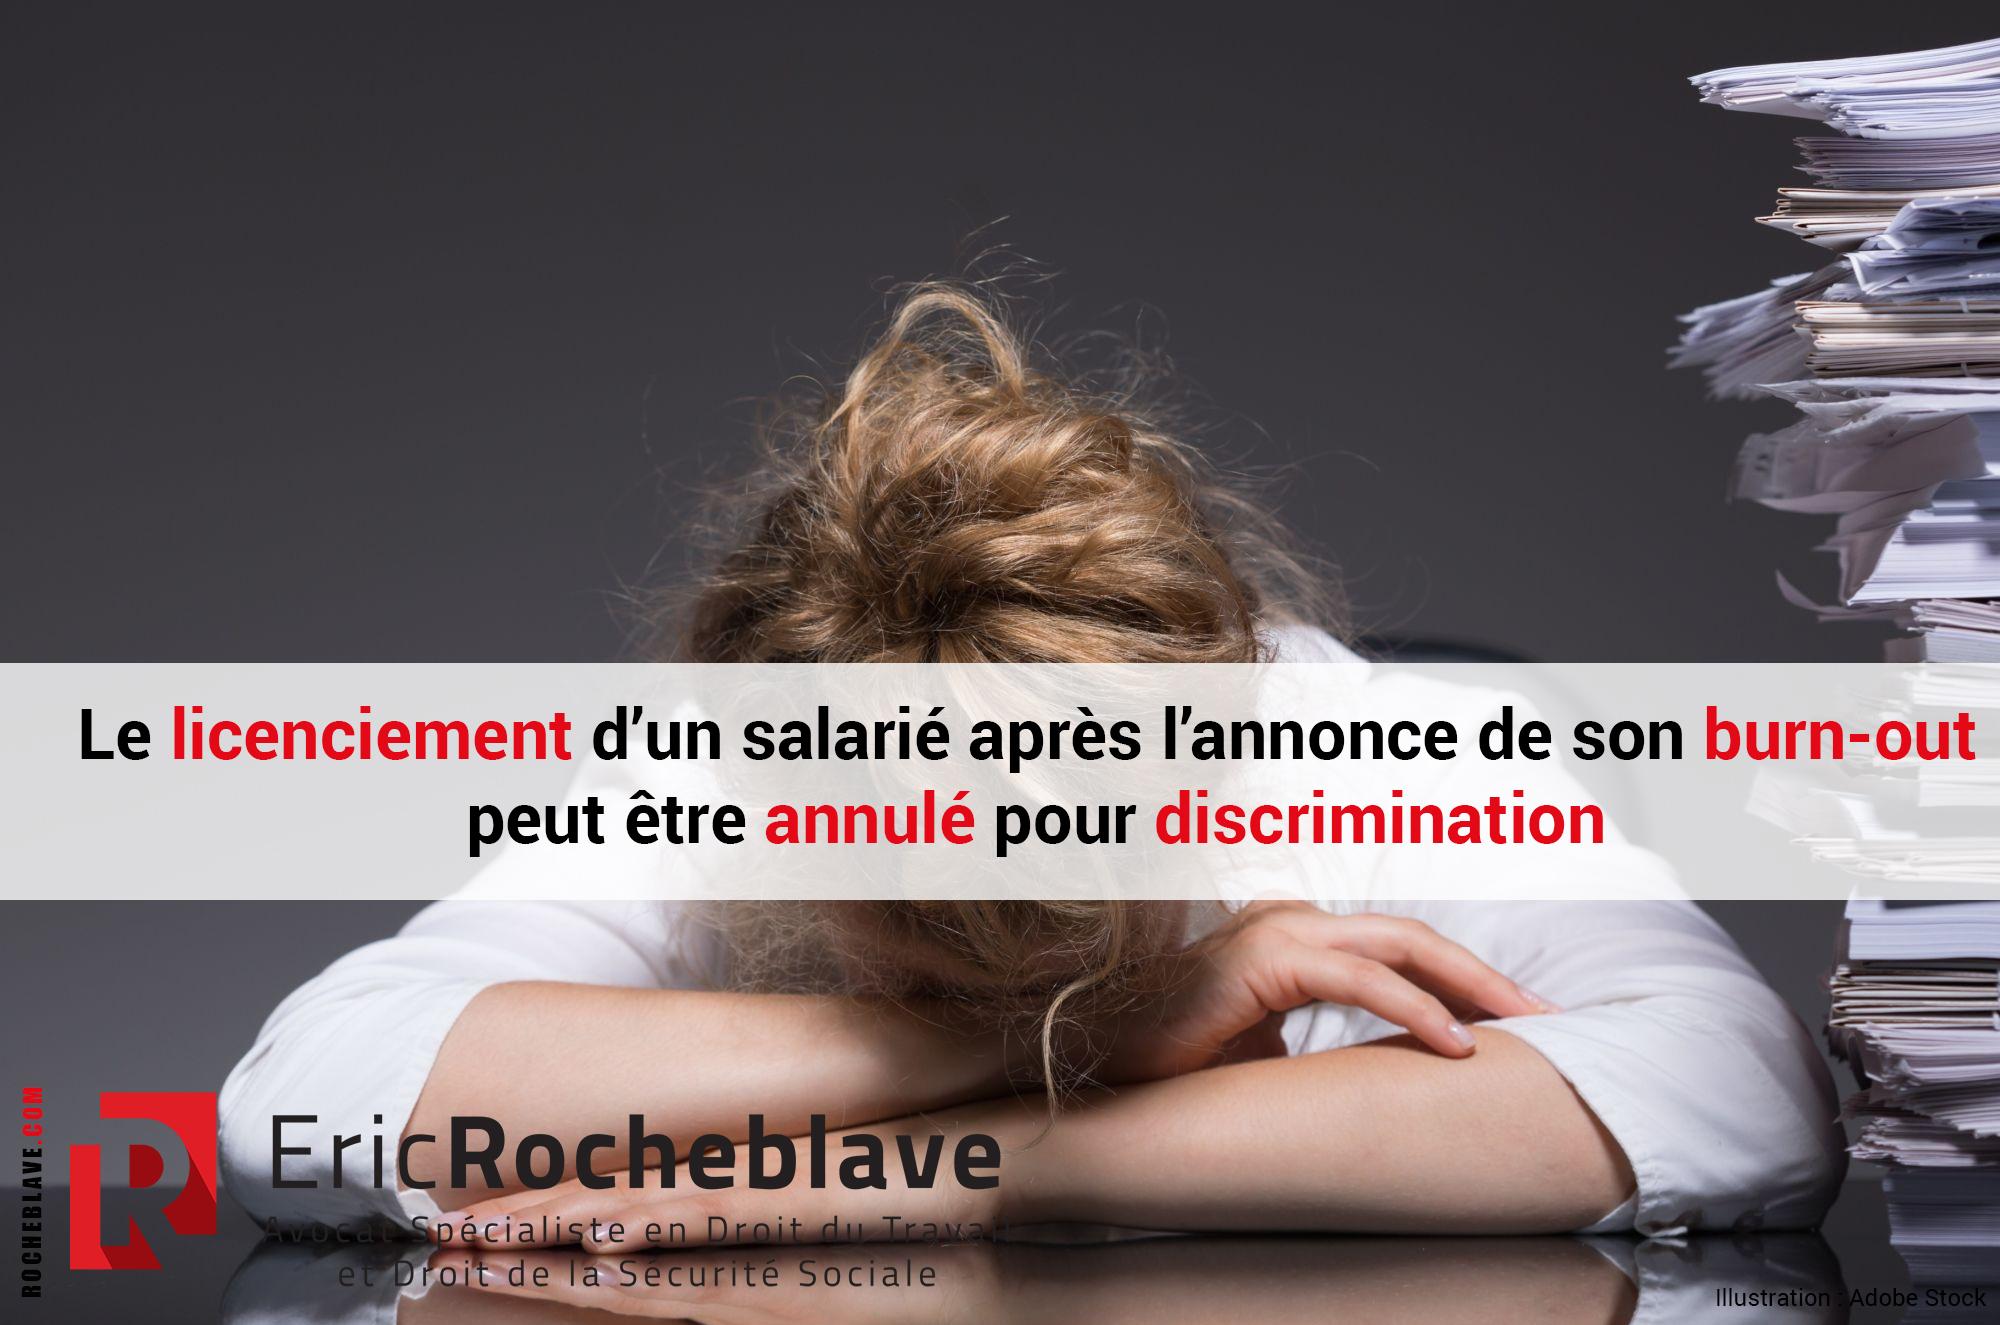 Le licenciement d'un salarié après l'annonce de son burn-out peut être annulé pour discrimination